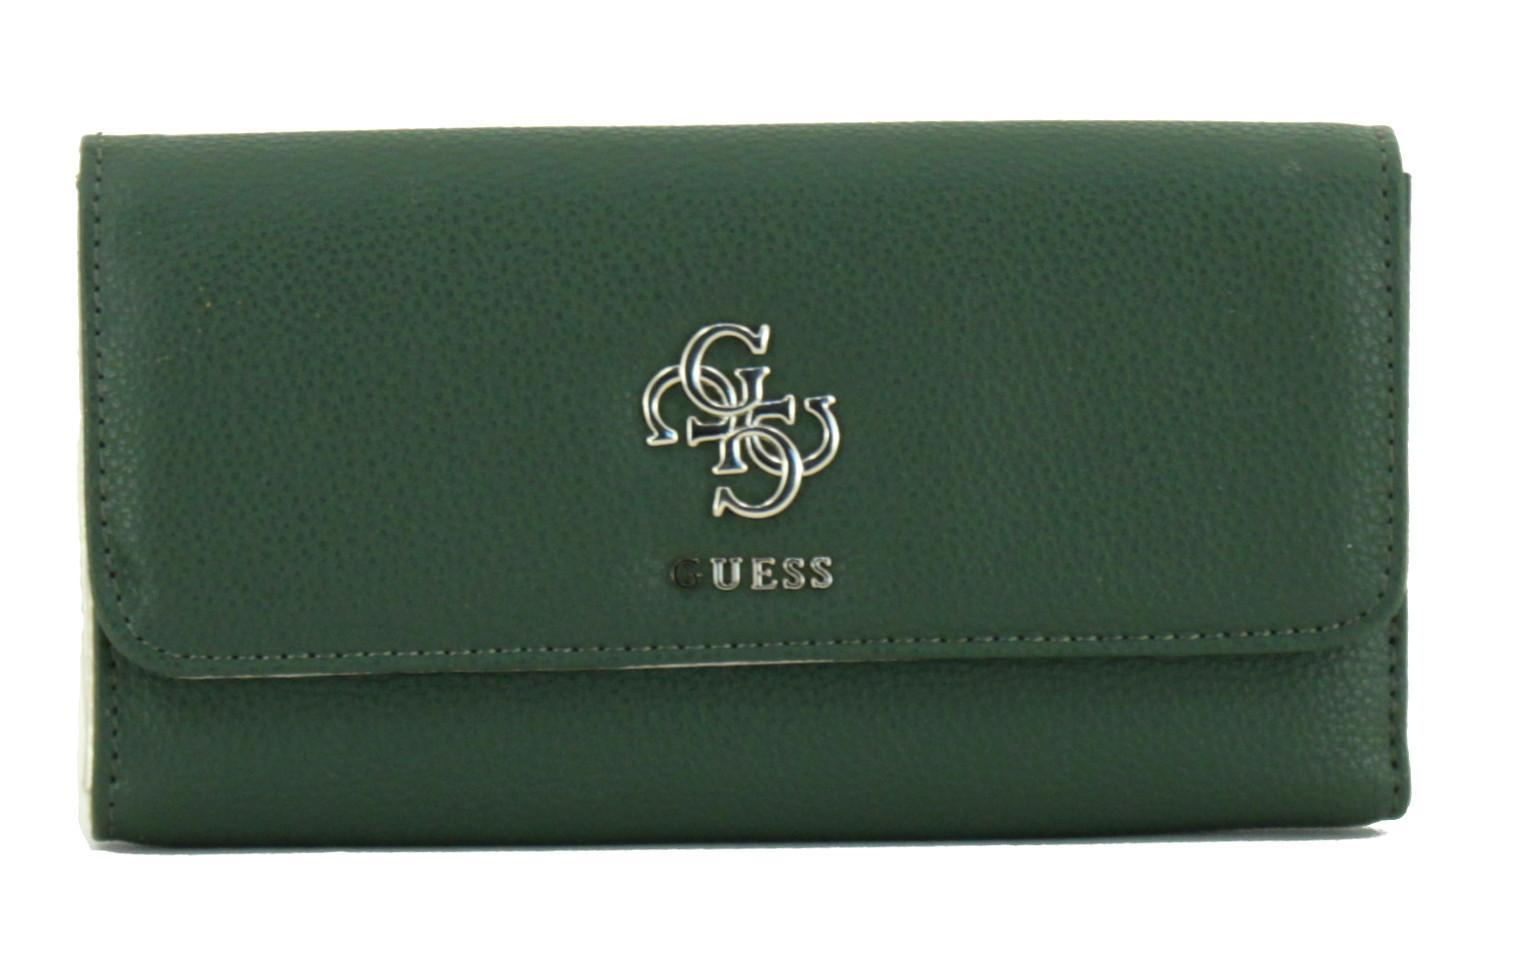 b20cf1475dd Guess Damengeldtasche Digital Olive grün viele Kartenfächer - Bags ...